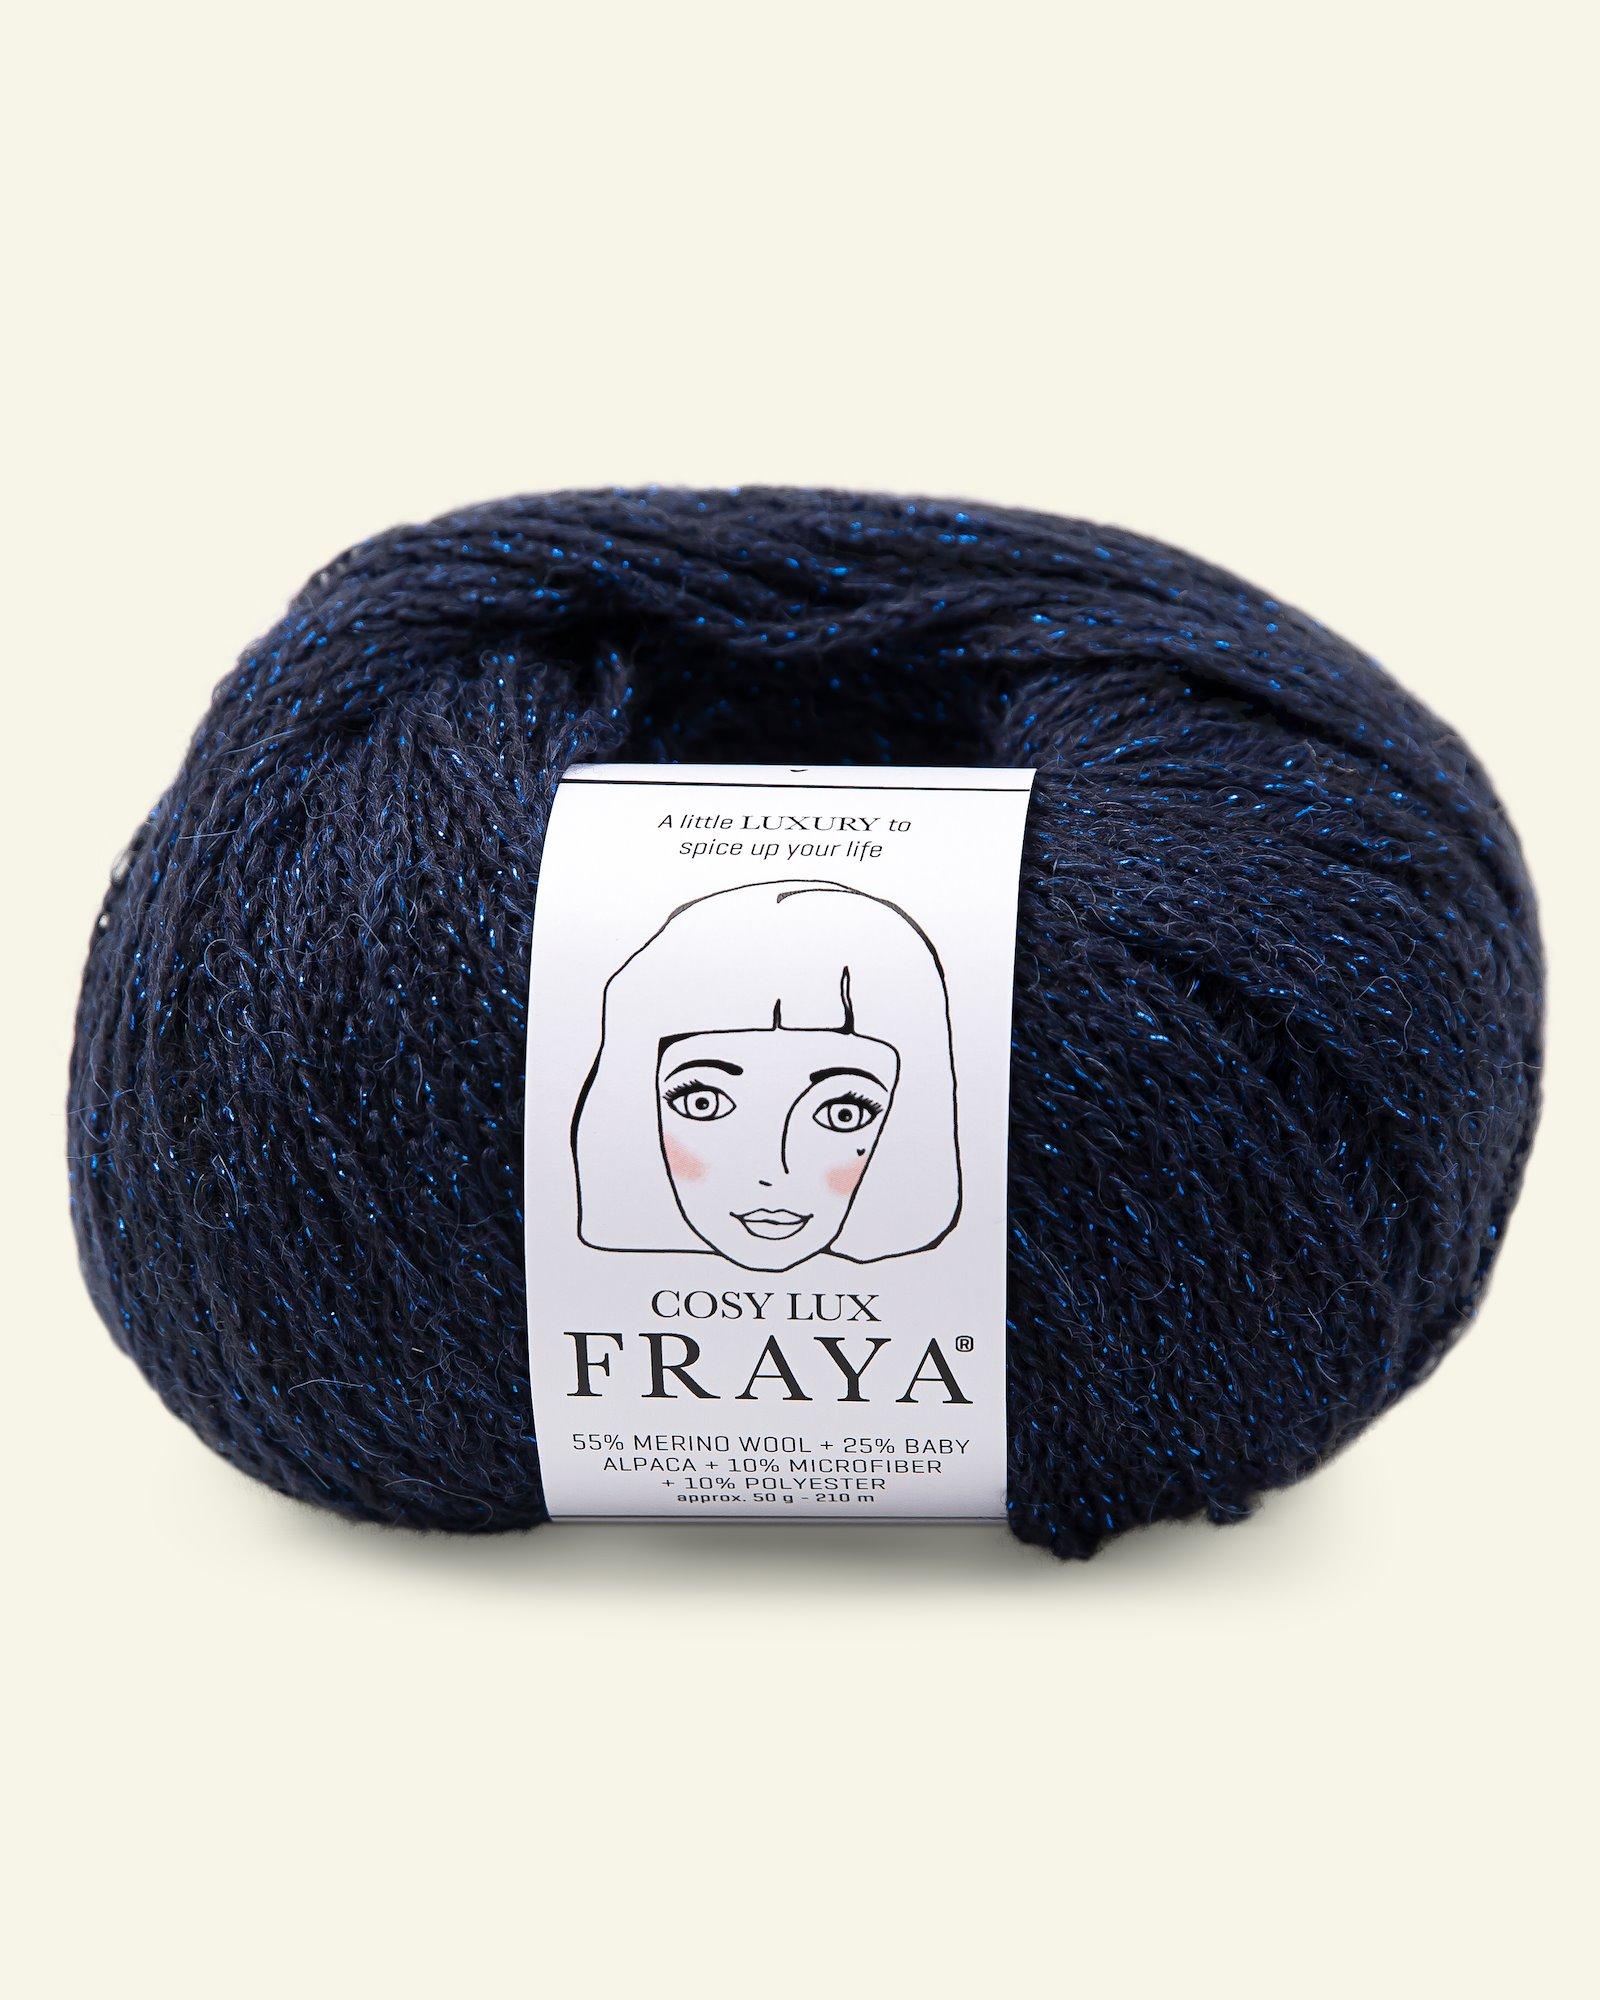 Cosy Lux 50g cobolt blue